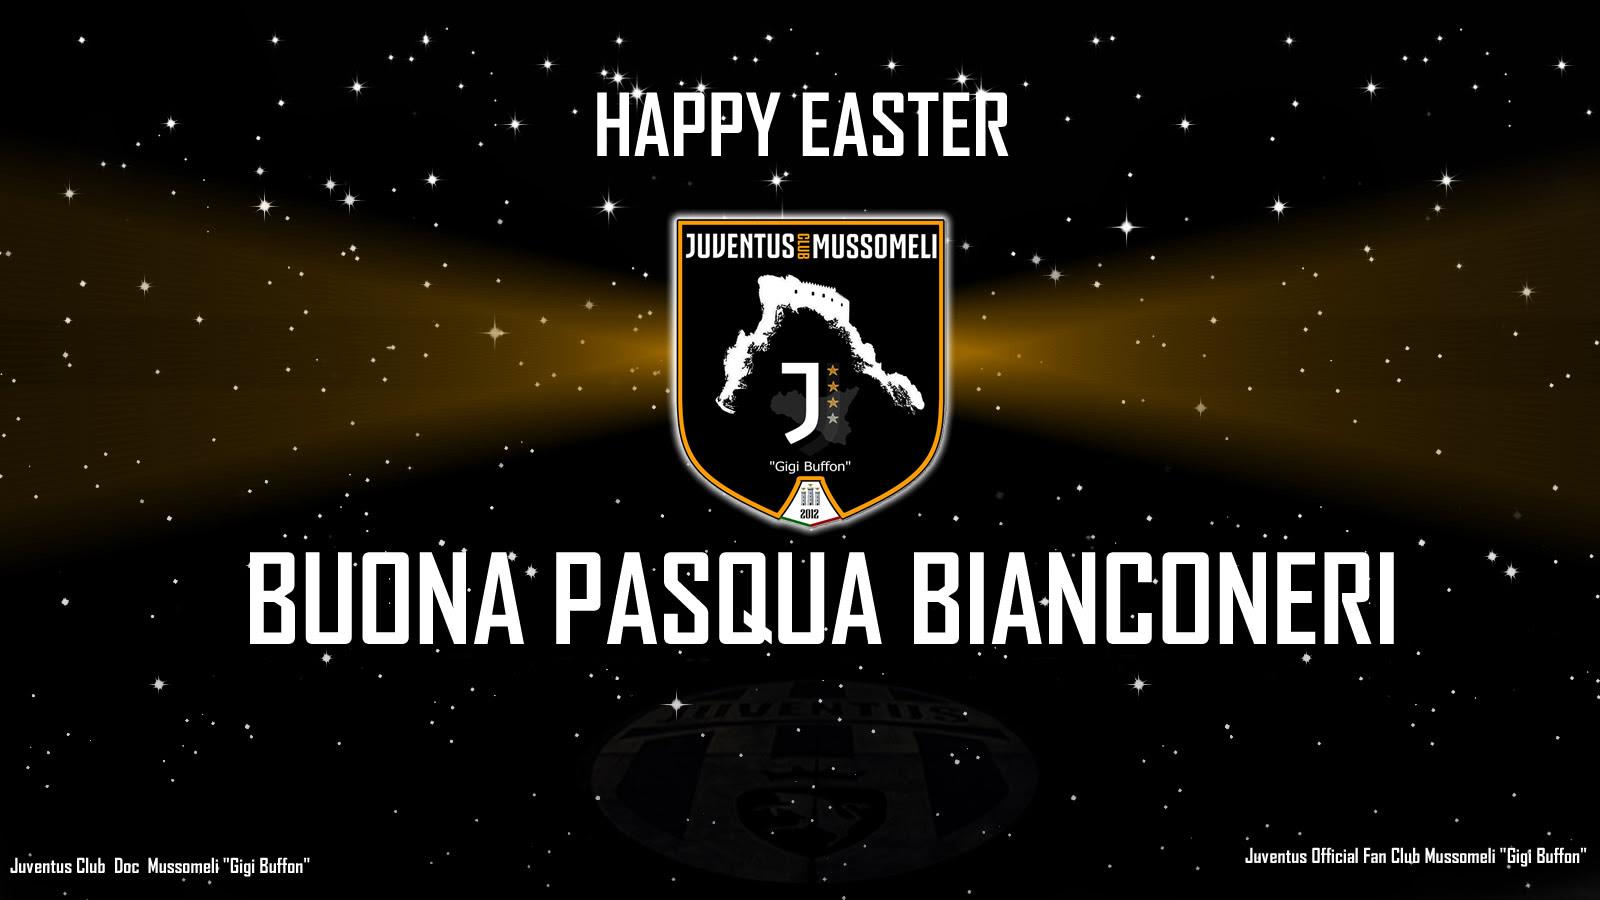 Buona Pasqua Bianconeri Juventus Club Doc Mussomeli Gigi